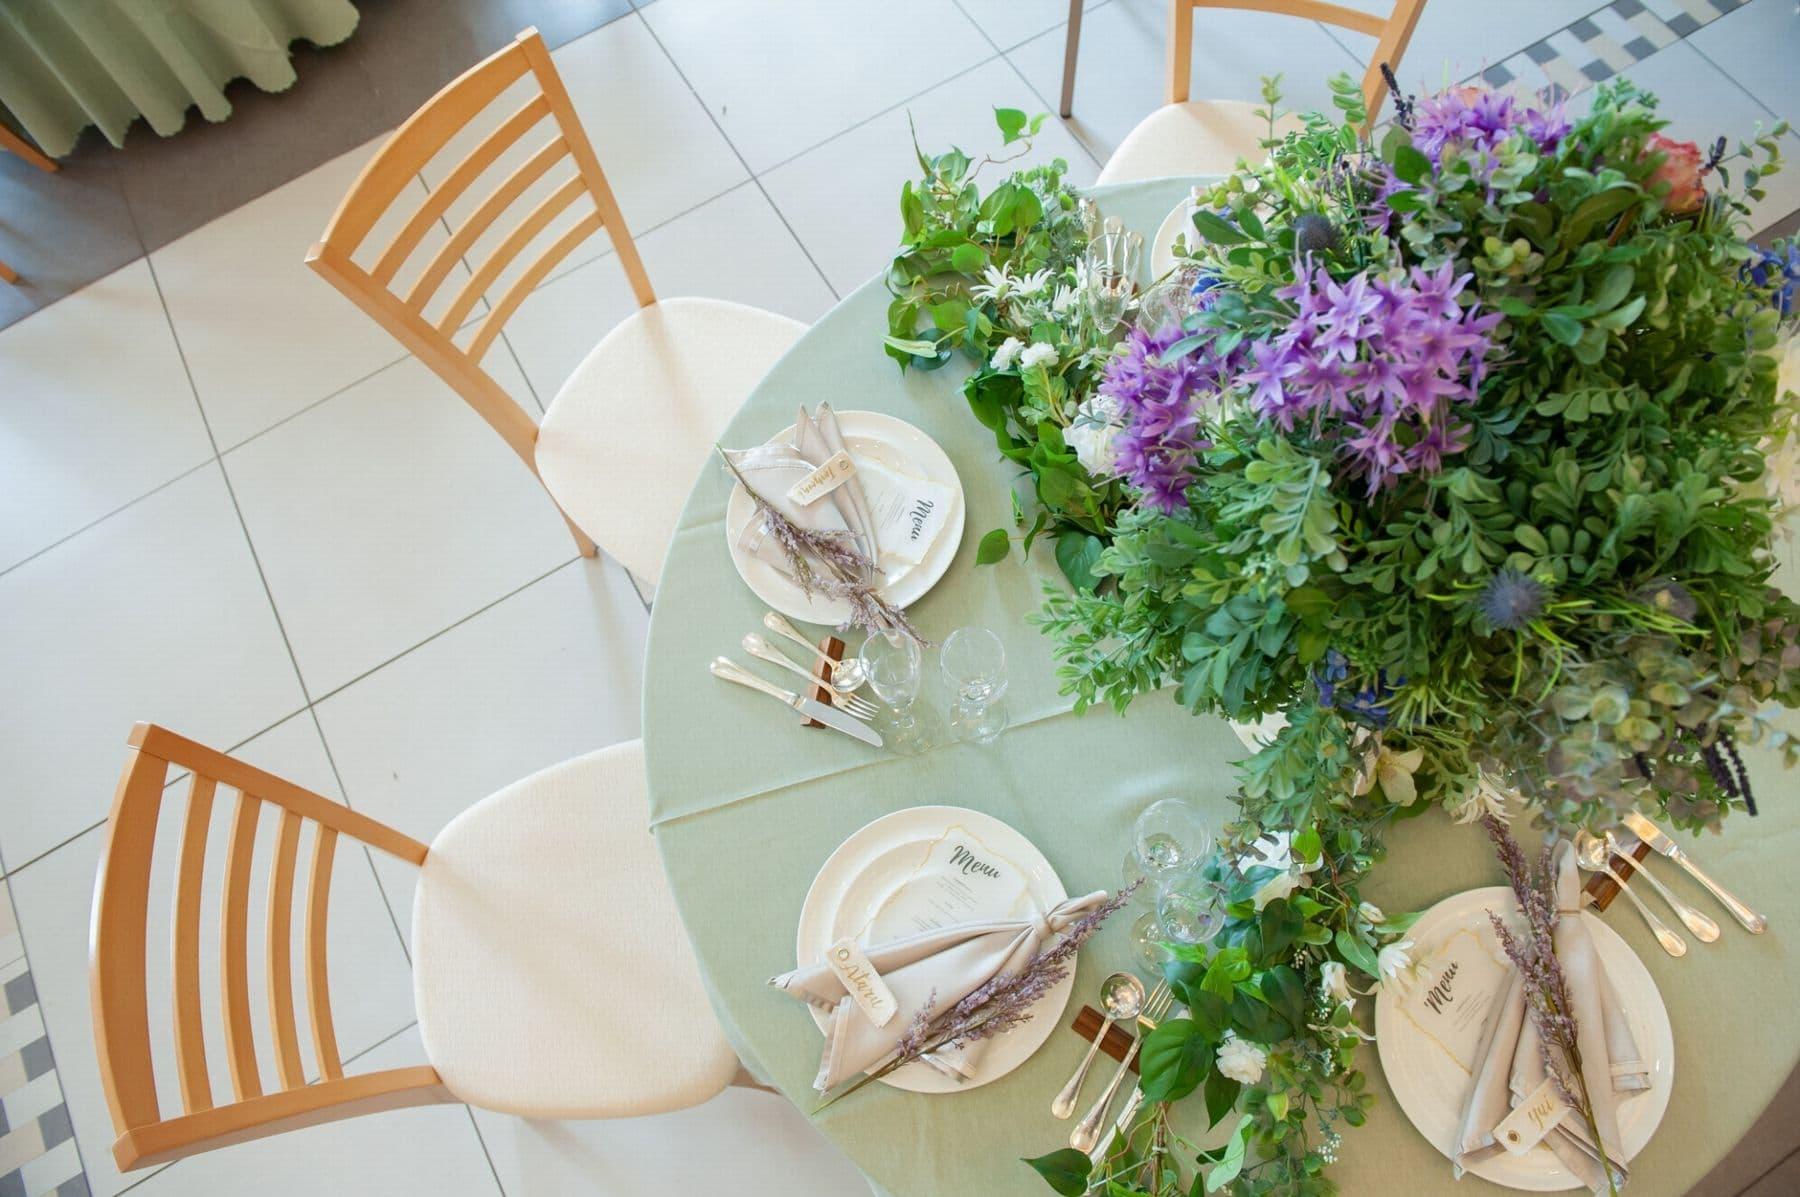 香川県の結婚式場シェルエメール&アイスタイルのグリーンコーディネート